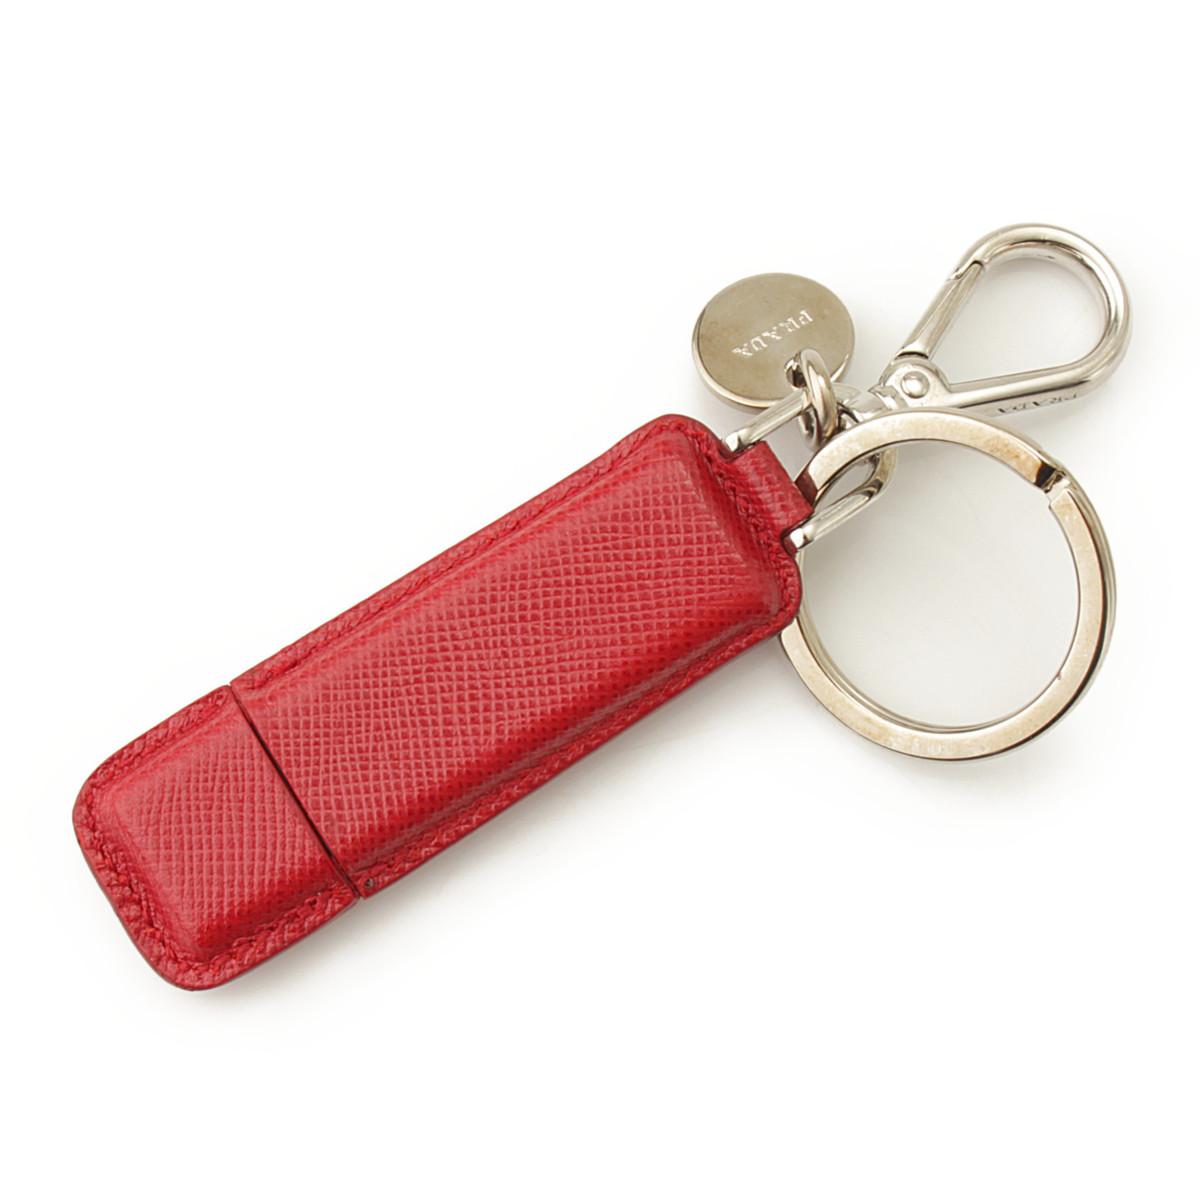 【プラダ】Prada USB メモリ 4GB キーリング キーホルダー 2ARA21 レザー レッド 【中古】【鑑定済・正規品保証】【送料無料】40306